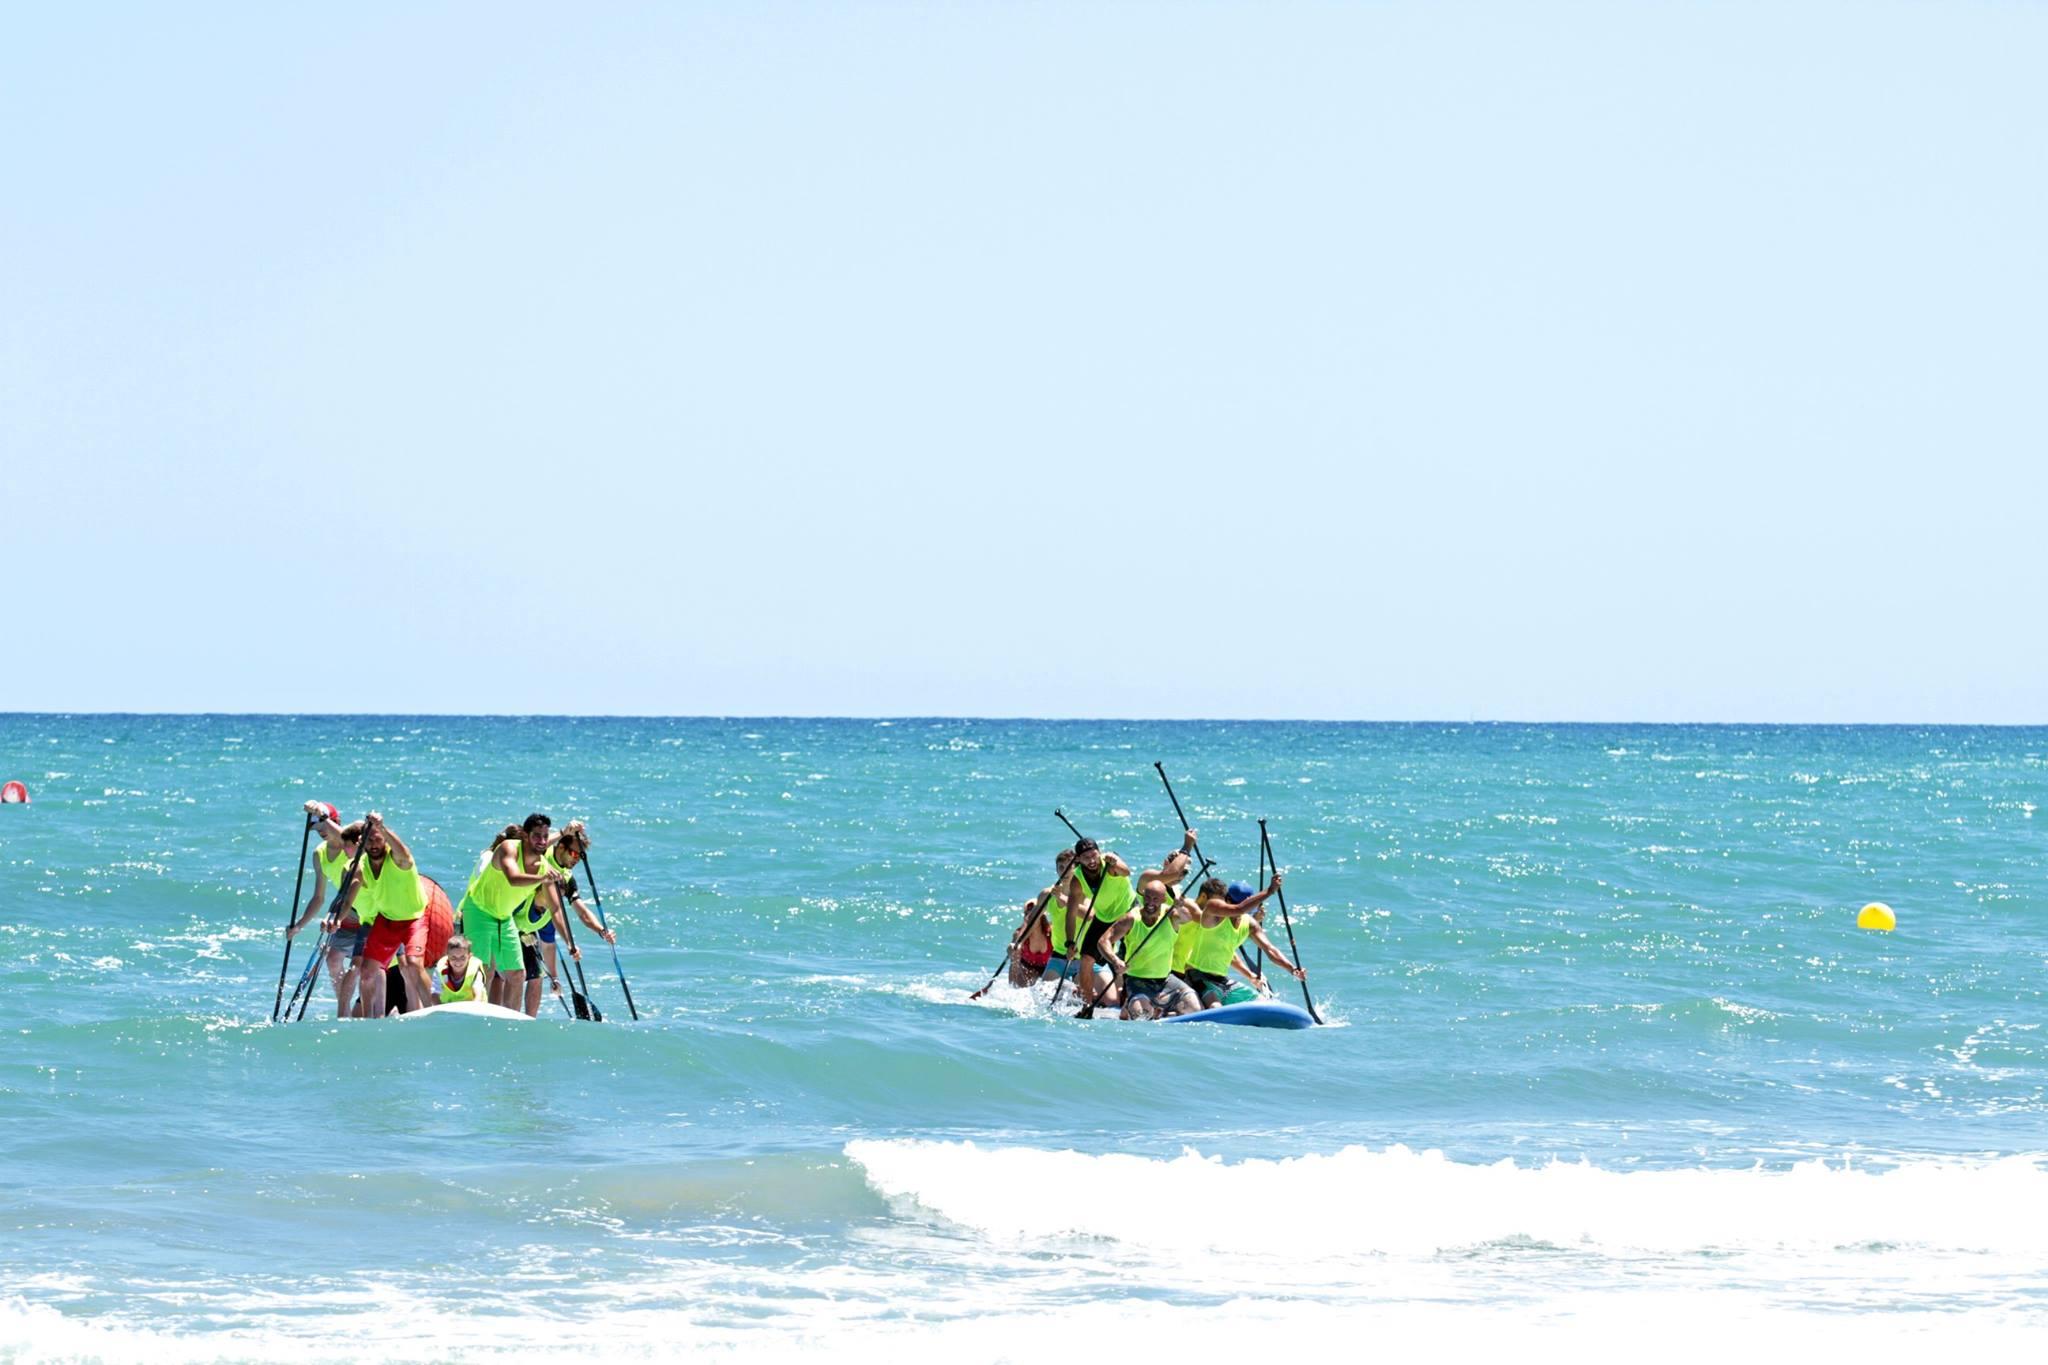 Competición Big Sup – Se ve con facilidad a los rider, también con sol